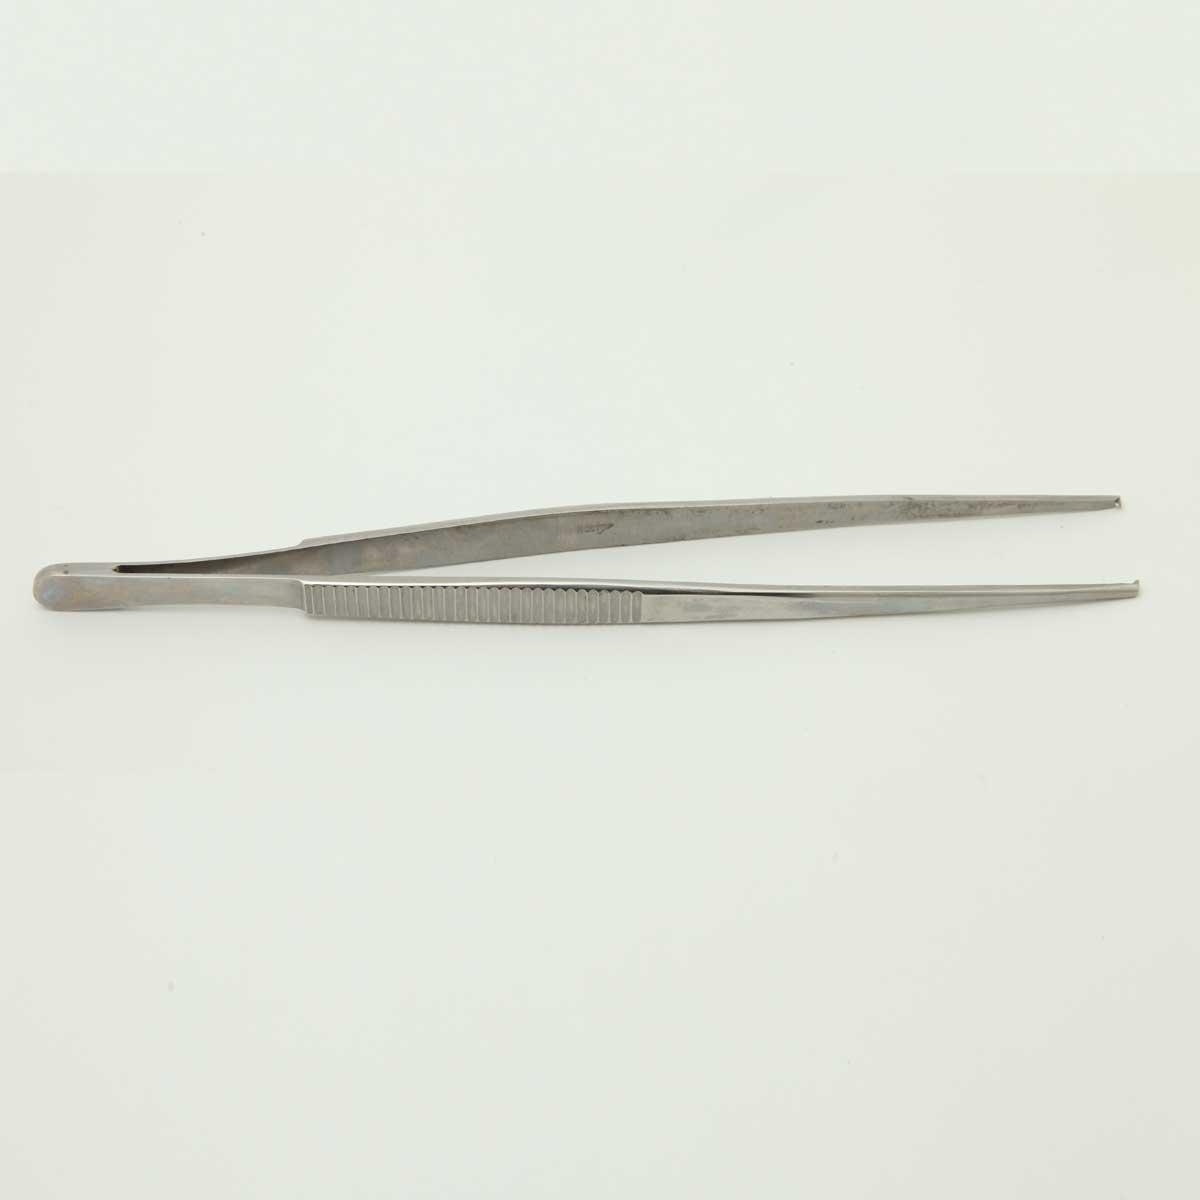 П-325 Пинцет хирургический общего назначения  ПХ 250х2,5